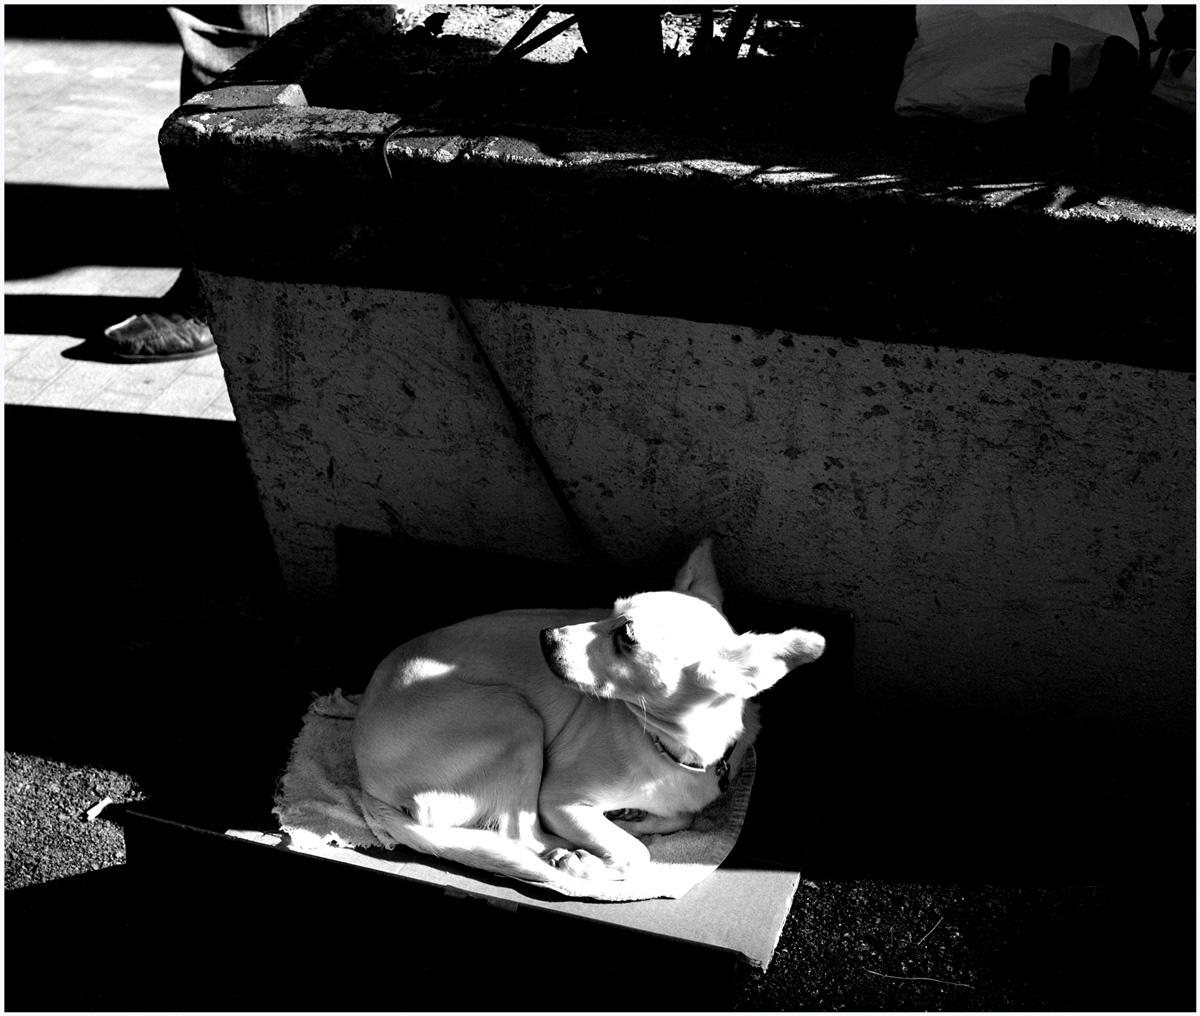 Animals 025 – 100_T1.36